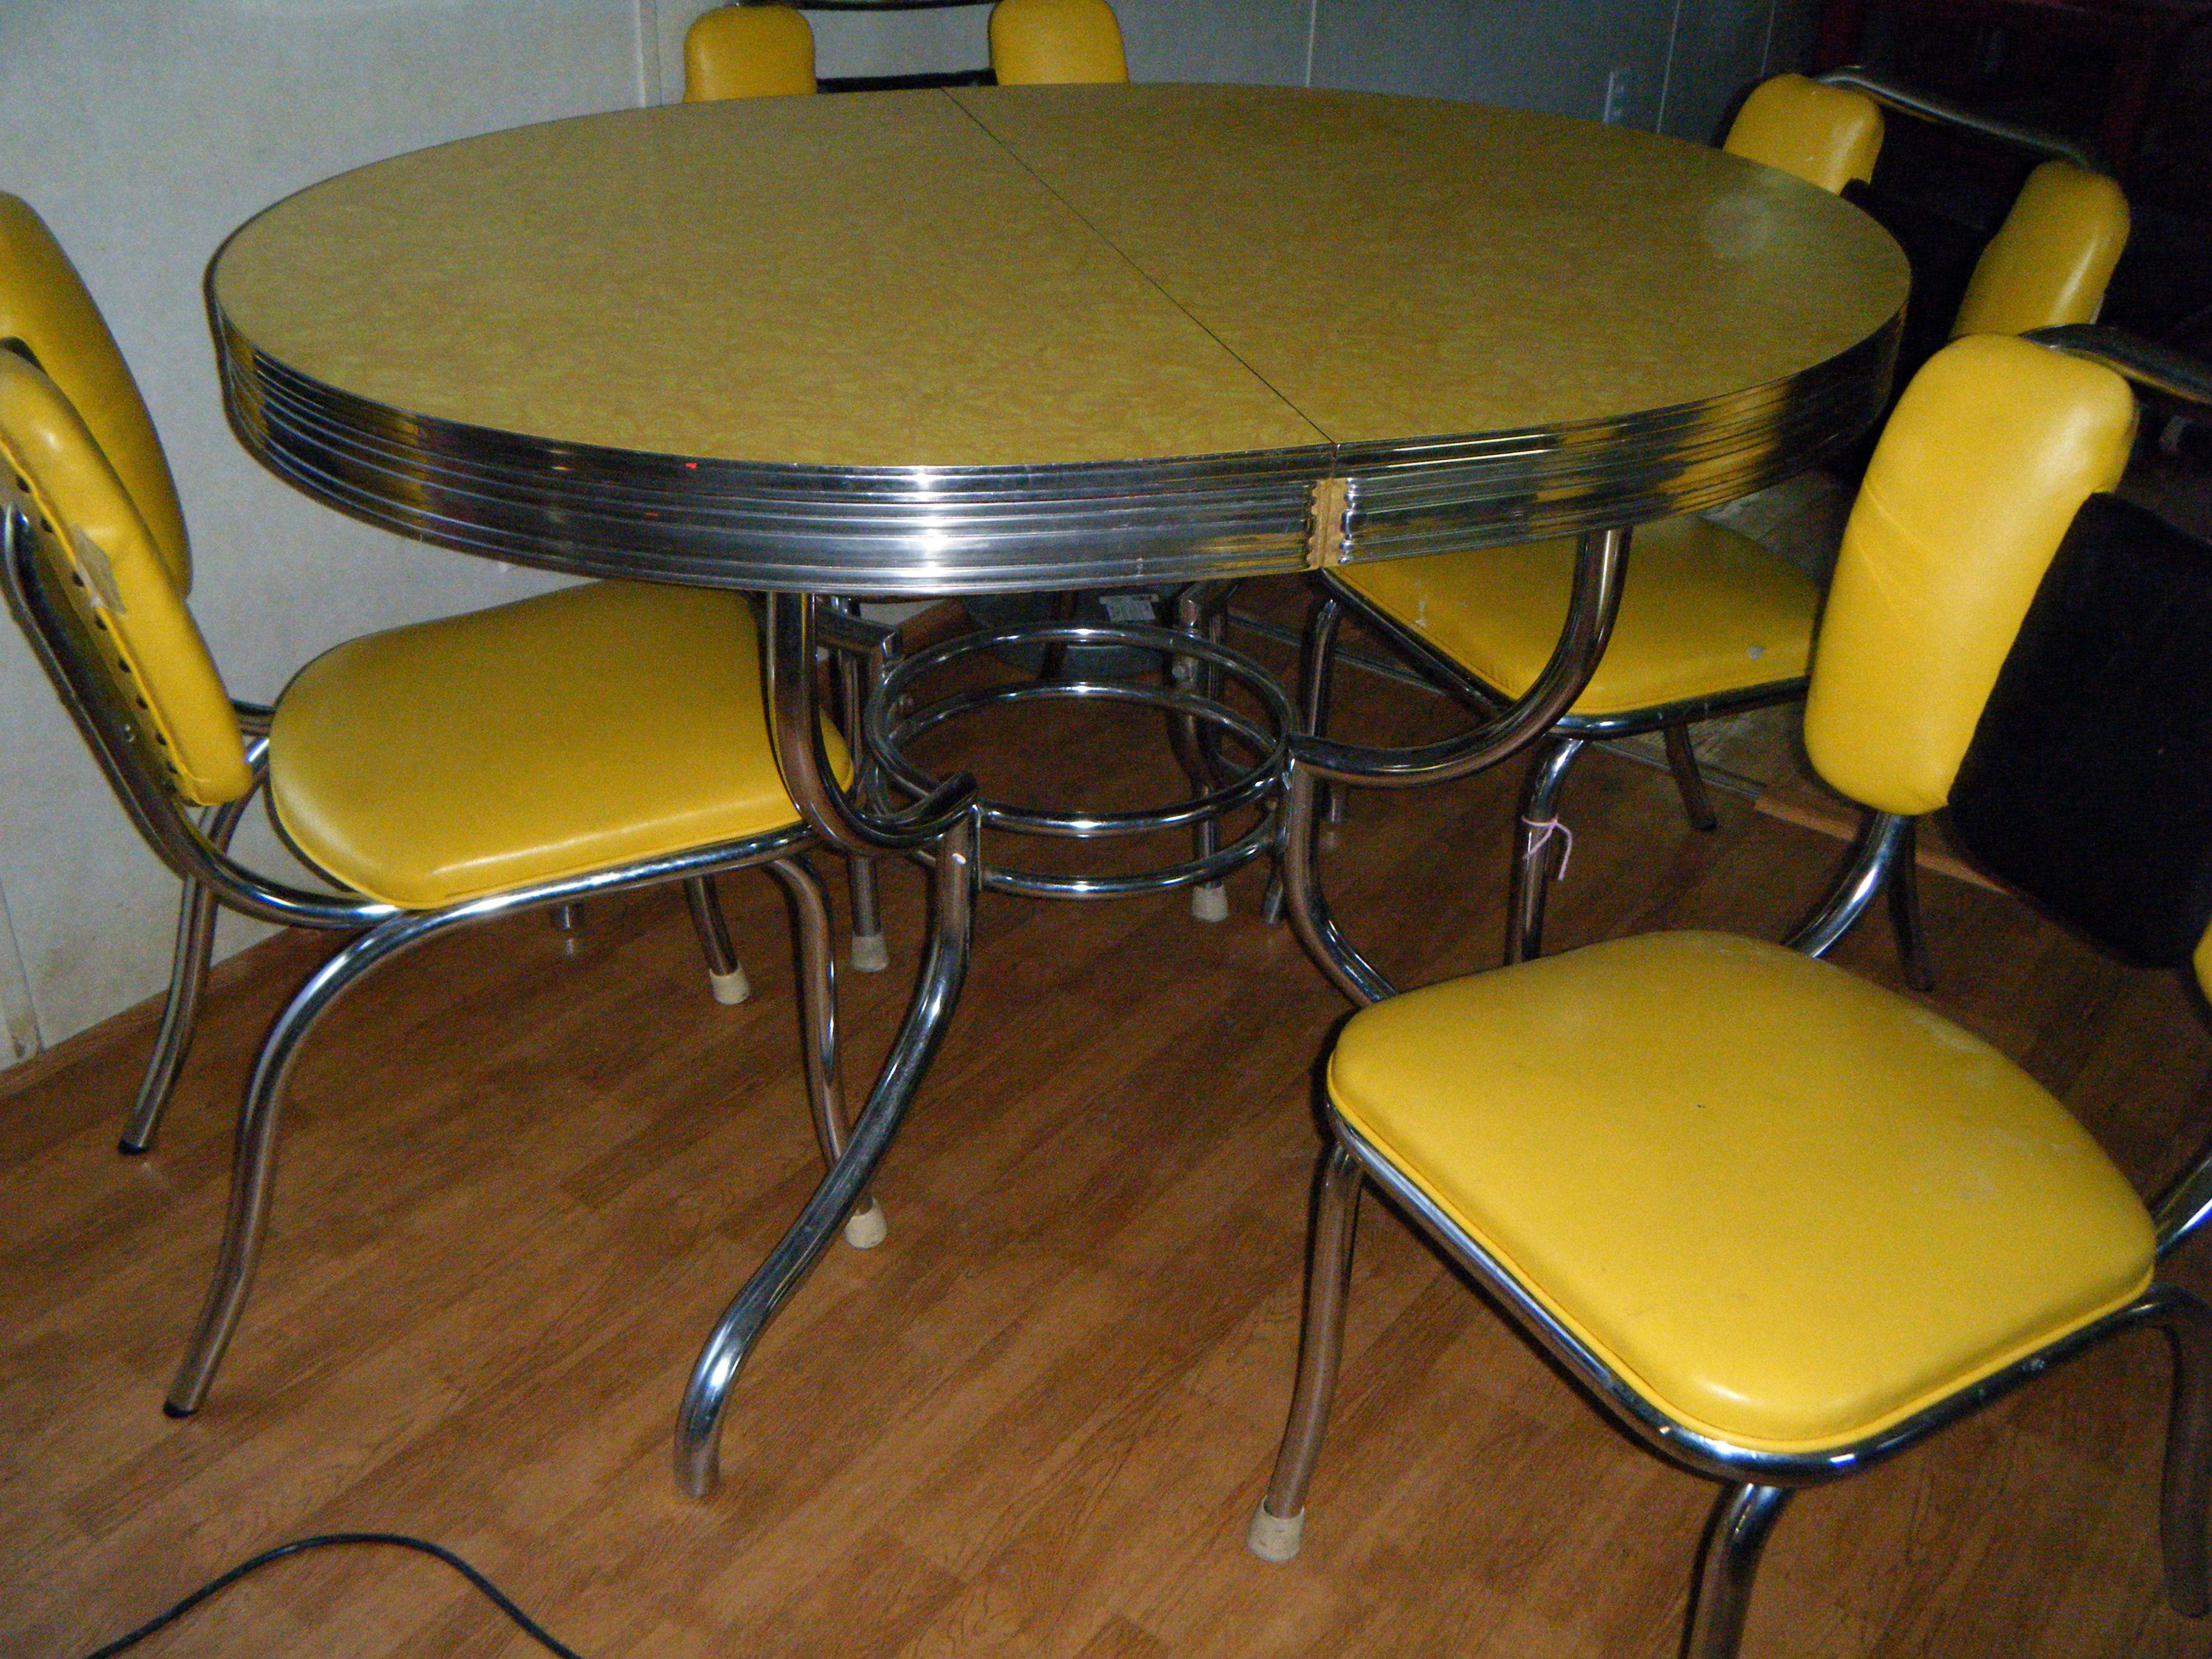 Table et Chaises - Formica Jaune - Années 60 | Années Vintage ...